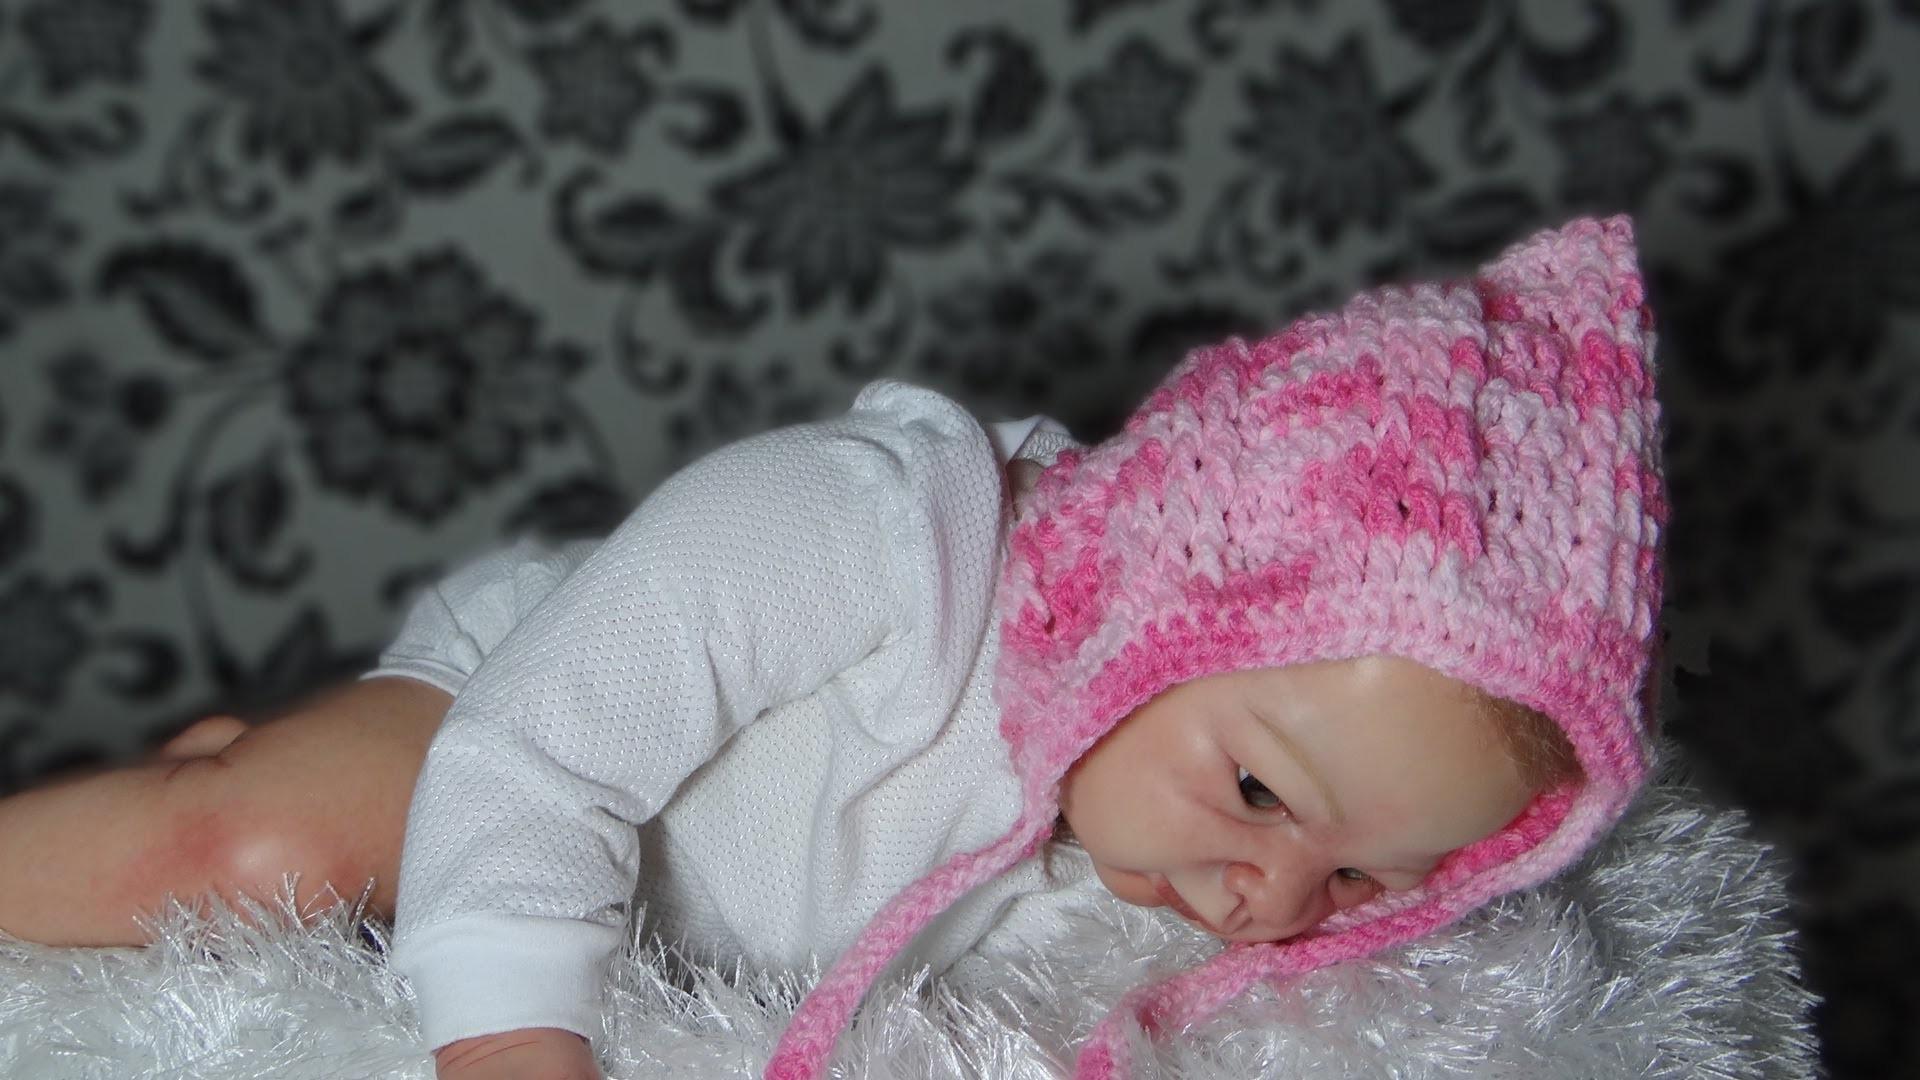 Touca em crochê  para Bebê modelo Retro parte-1